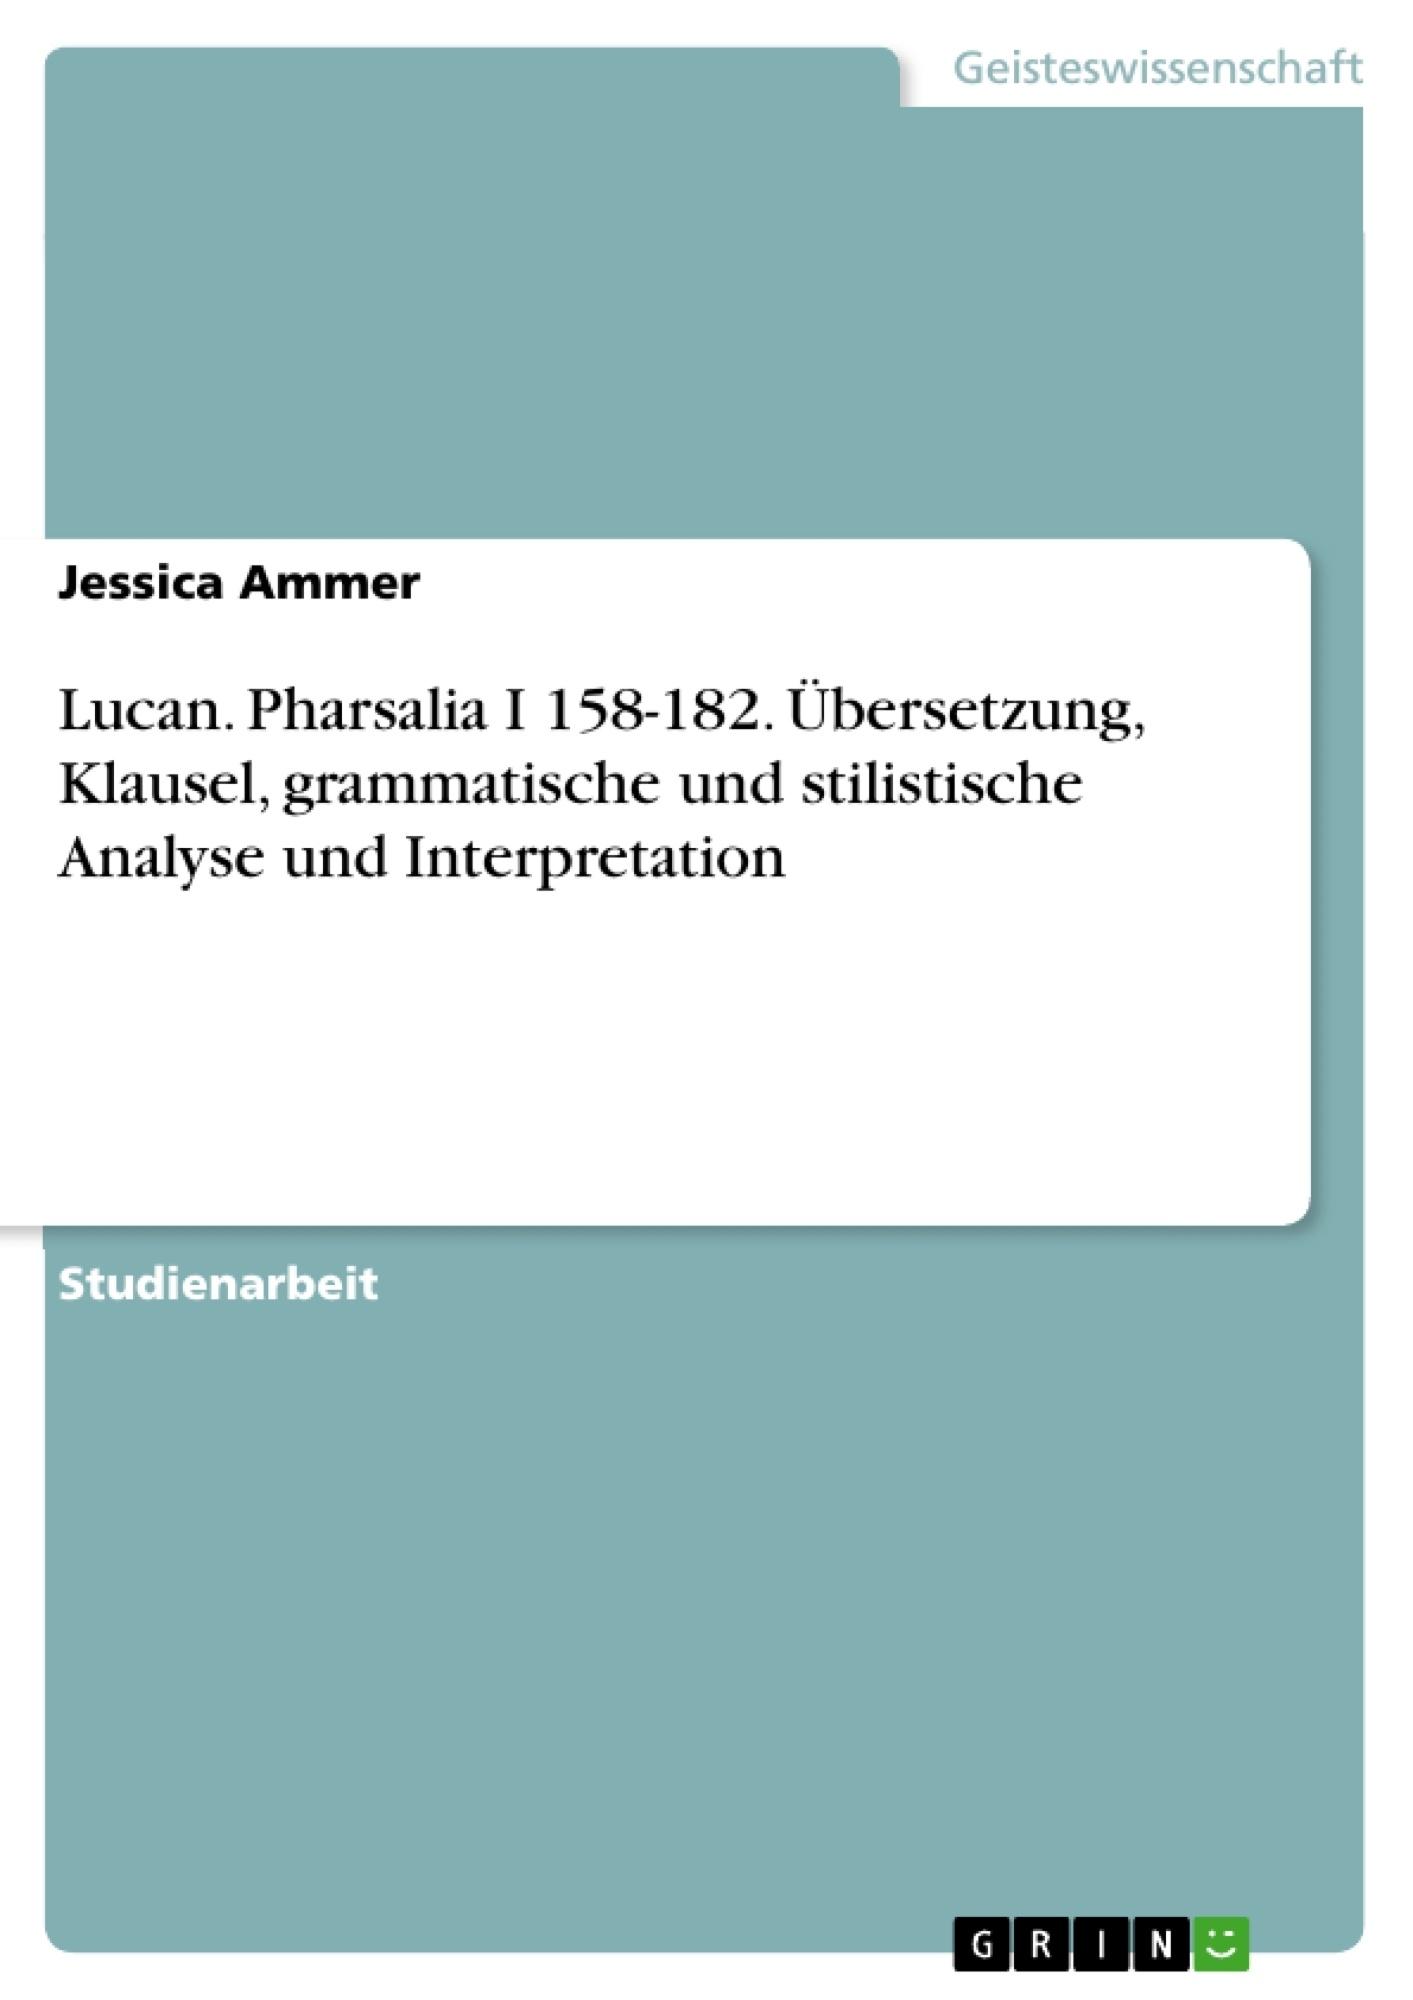 Titel: Lucan. Pharsalia I 158-182. Übersetzung, Klausel, grammatische und stilistische Analyse und Interpretation